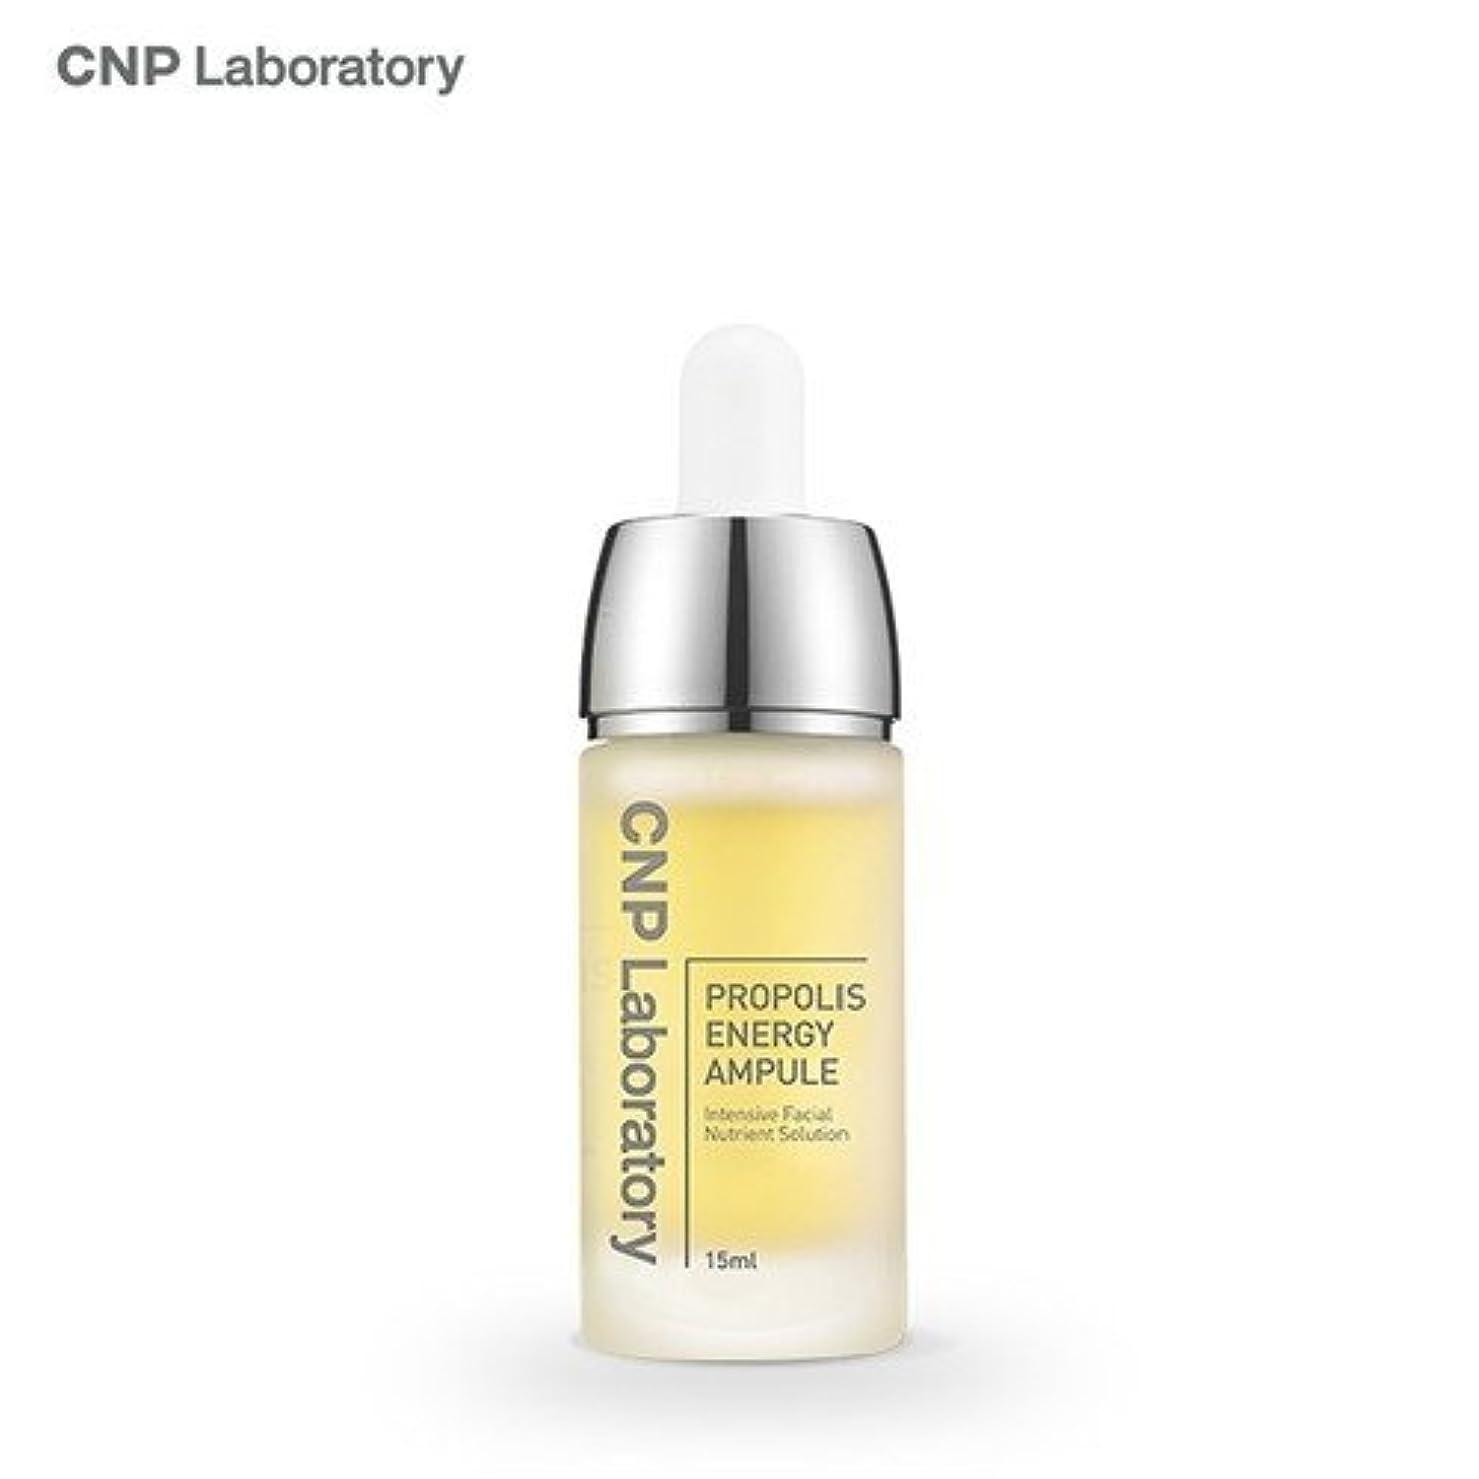 競争チャールズキージング私達チャエンパク プロポリスエネルギーアンプル 15ml / CNP Propolis Energy Ampule, Intensive Facial Nutrient Solution 15ml